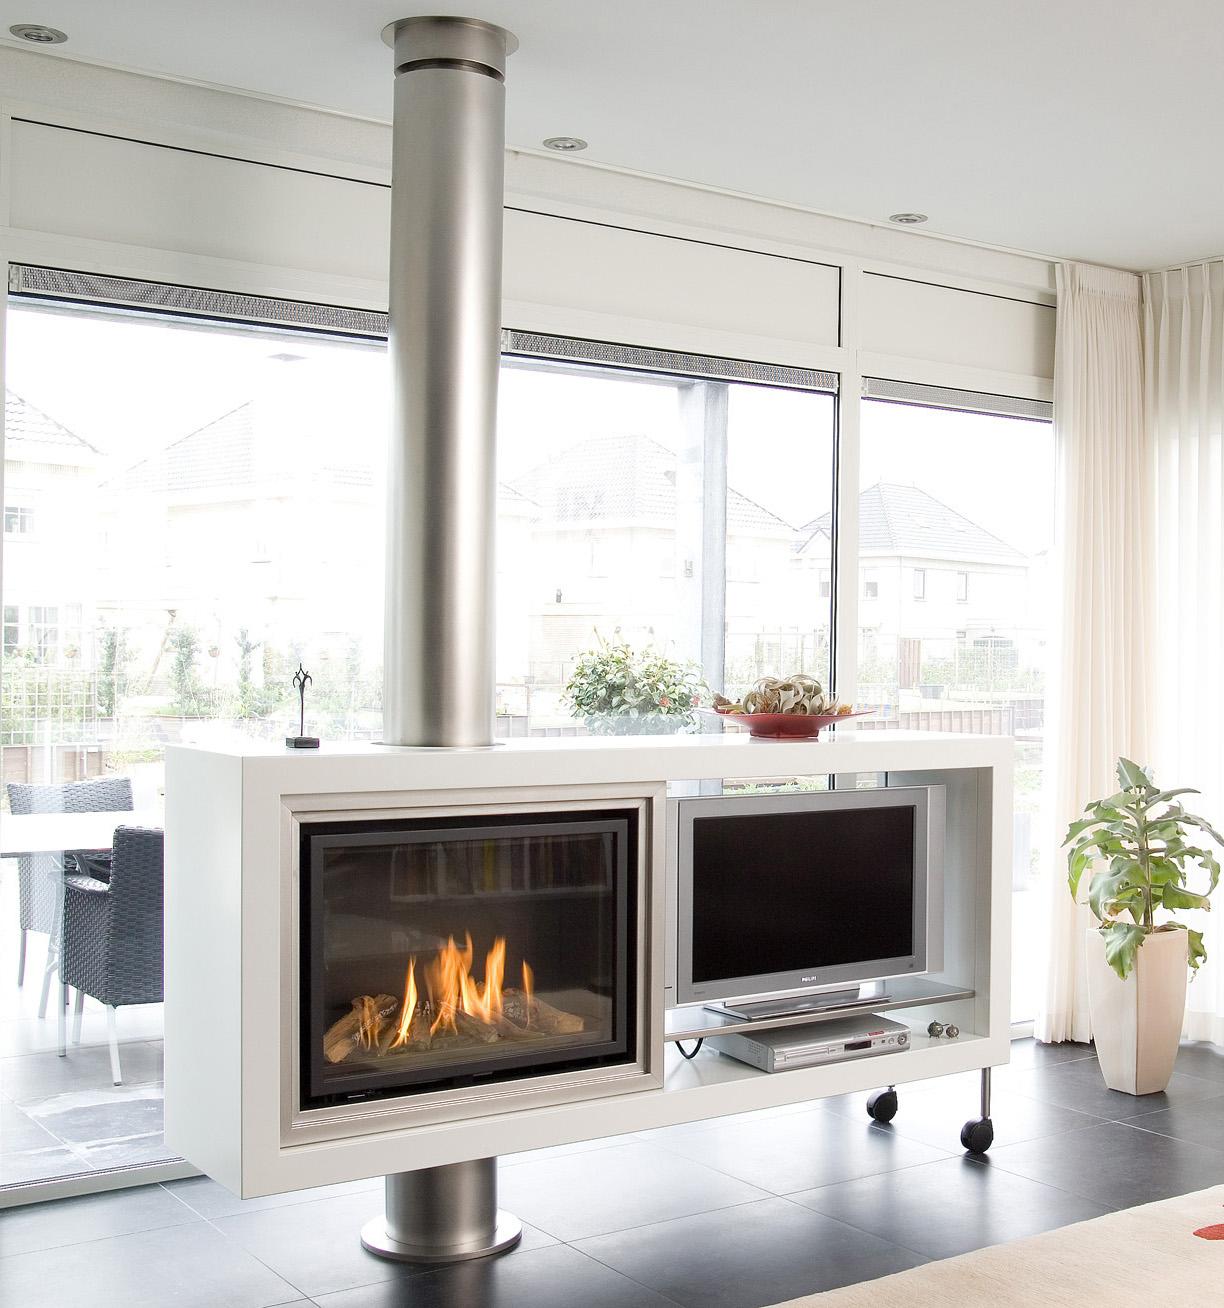 Salone In Stile Moderno Con Marmo E Camino Aperto Interior Design : Caminetti moderni design moderno camini